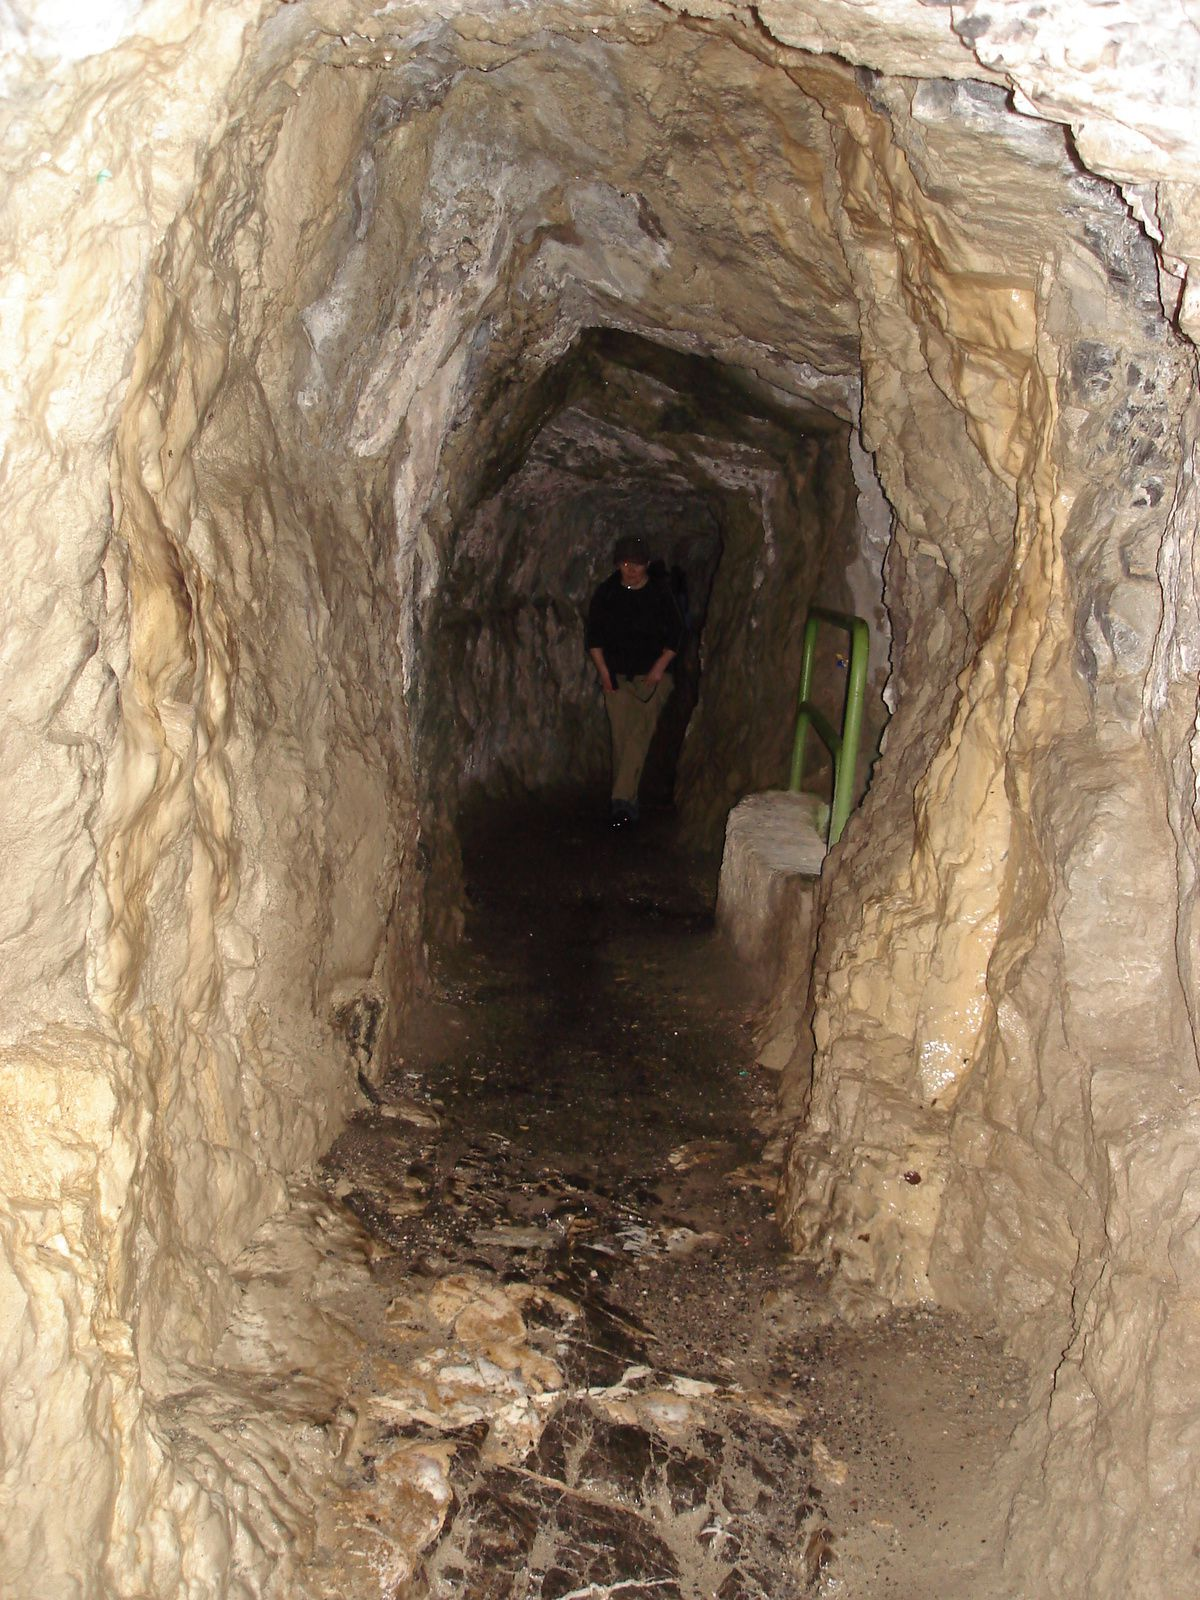 Vers la fin du parcours, nous passons dans des galeries taillées dans la roche, basses,humides et sombres.